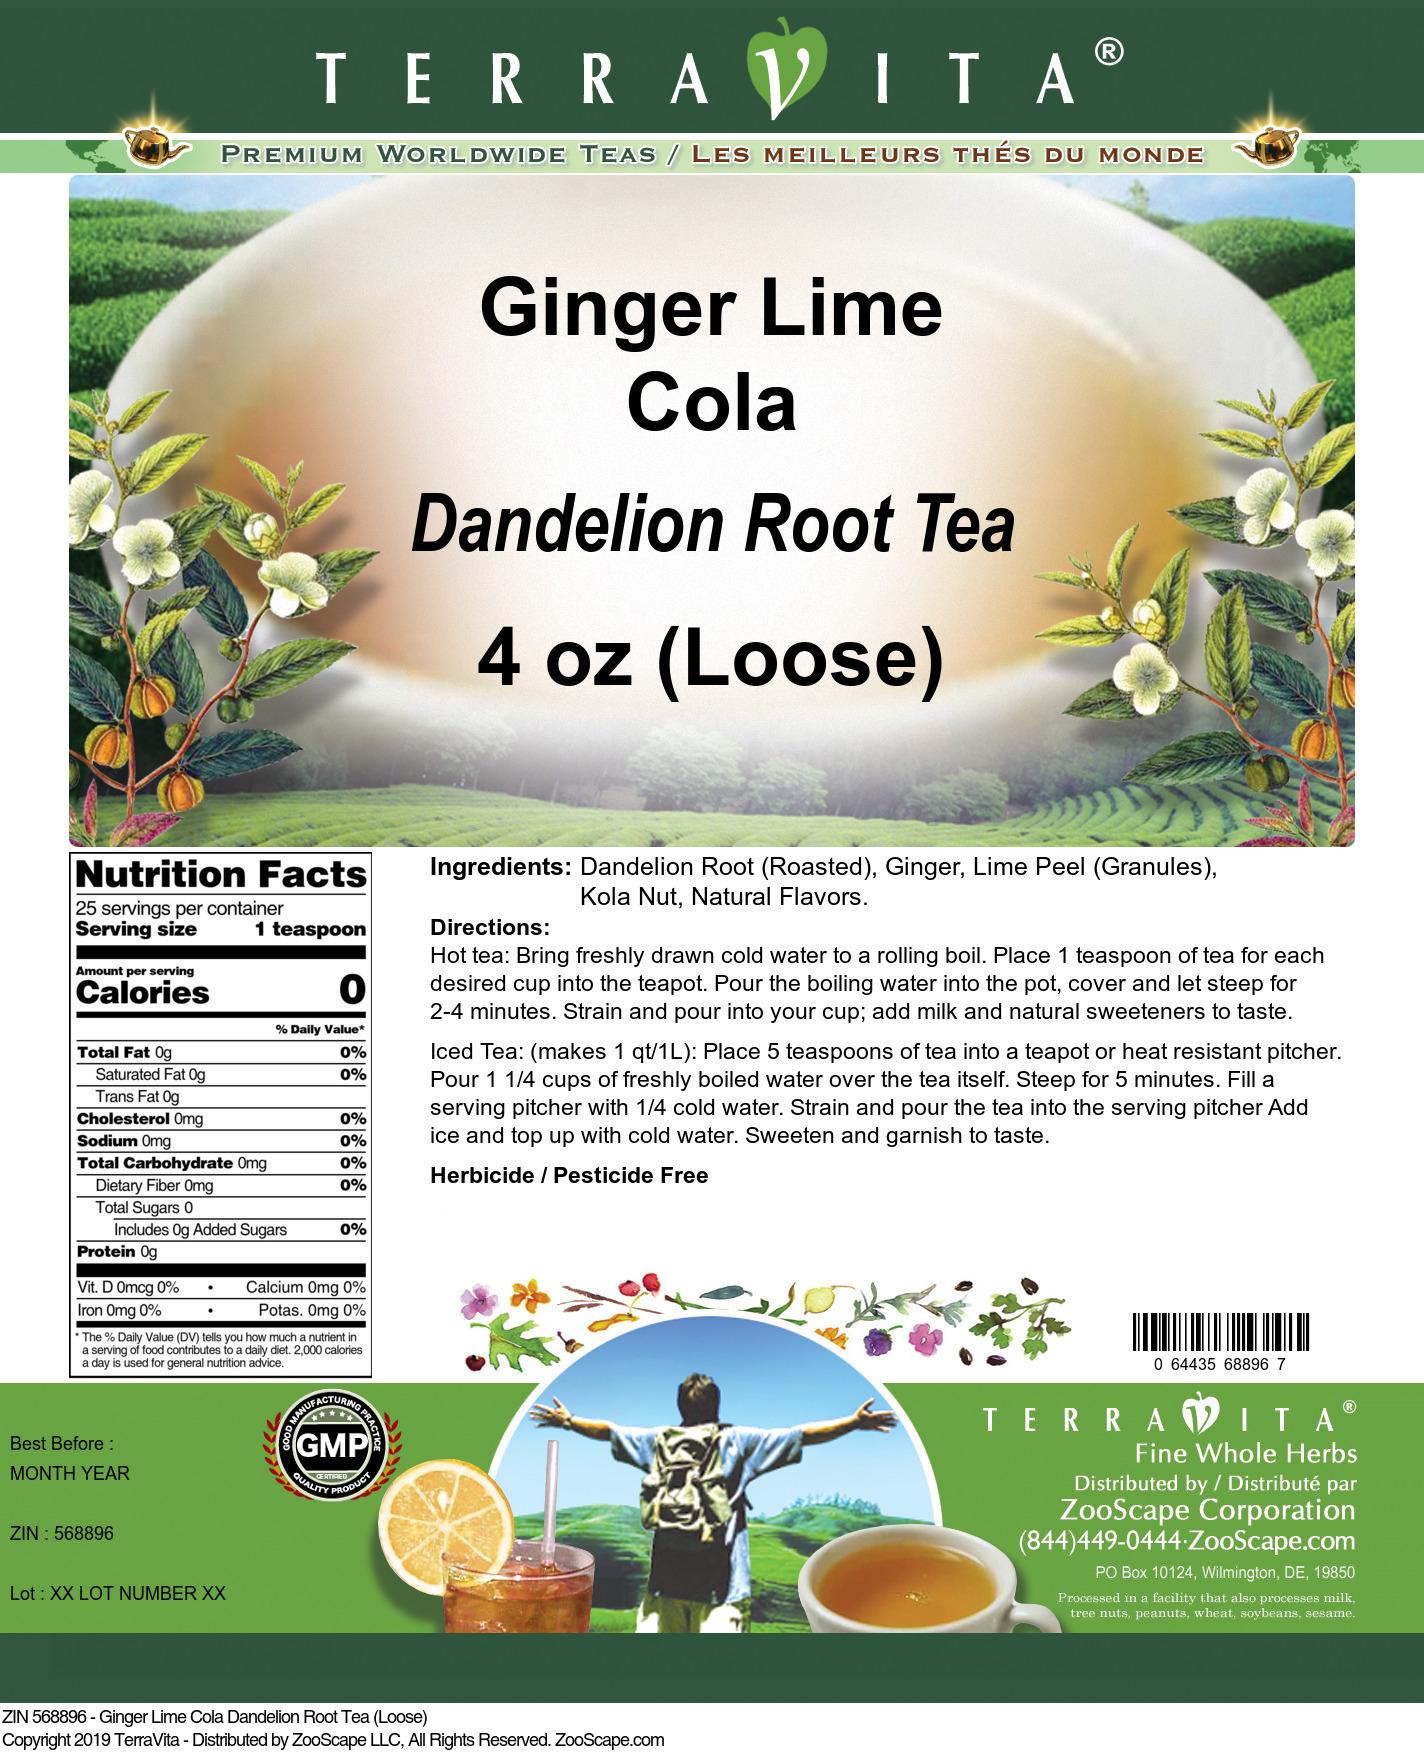 Ginger Lime Cola Dandelion Root